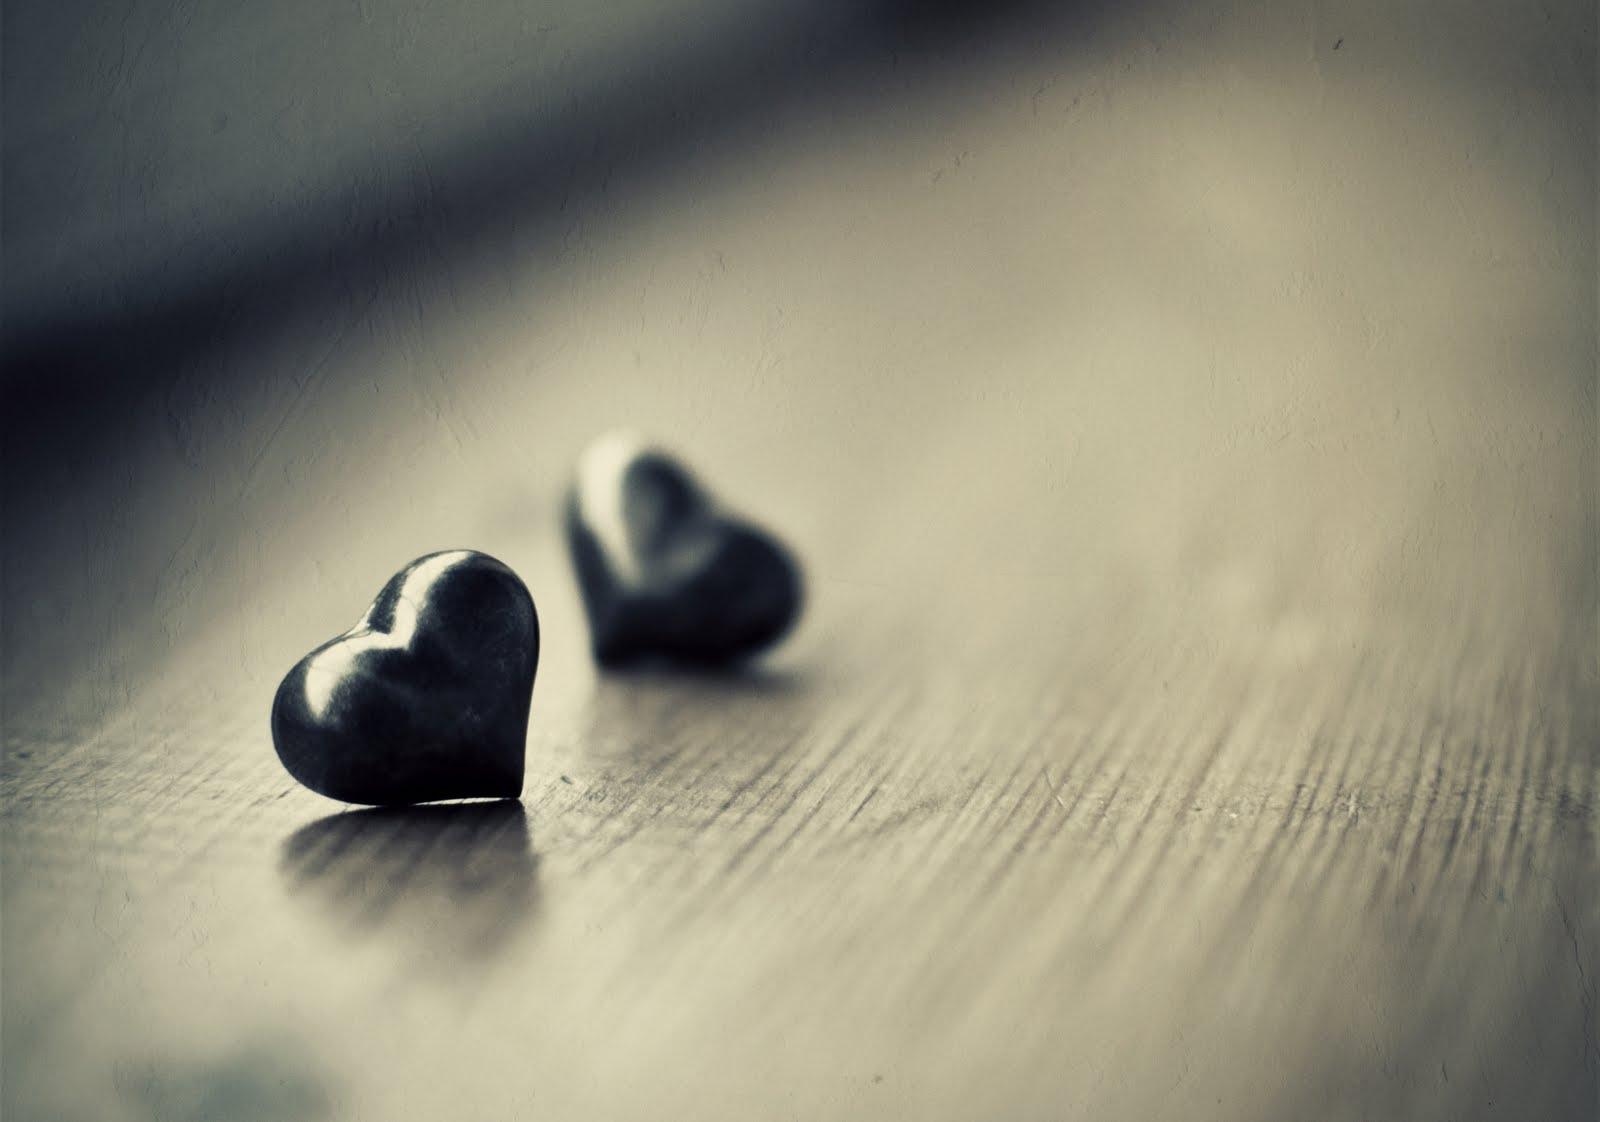 http://2.bp.blogspot.com/-cF_IHCq3TZA/T6qM4pqwU7I/AAAAAAAAAQU/jYNFkaQcTsM/s1600/Two+Hearts++Love+Wallpaper.jpg